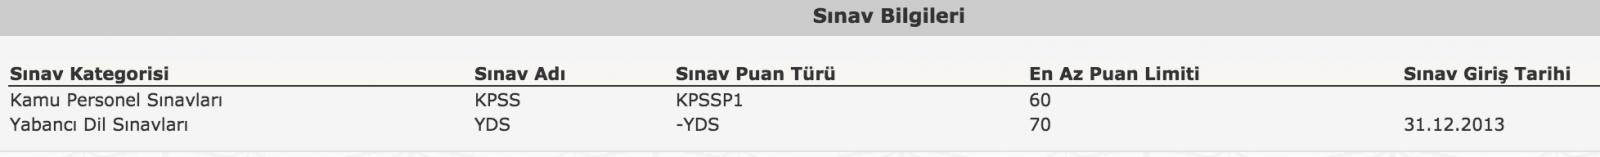 gundem - Ekran Resmi 2019 12 31 18.28.43 - Botaş Gemi Adamı İstihdam Edecek